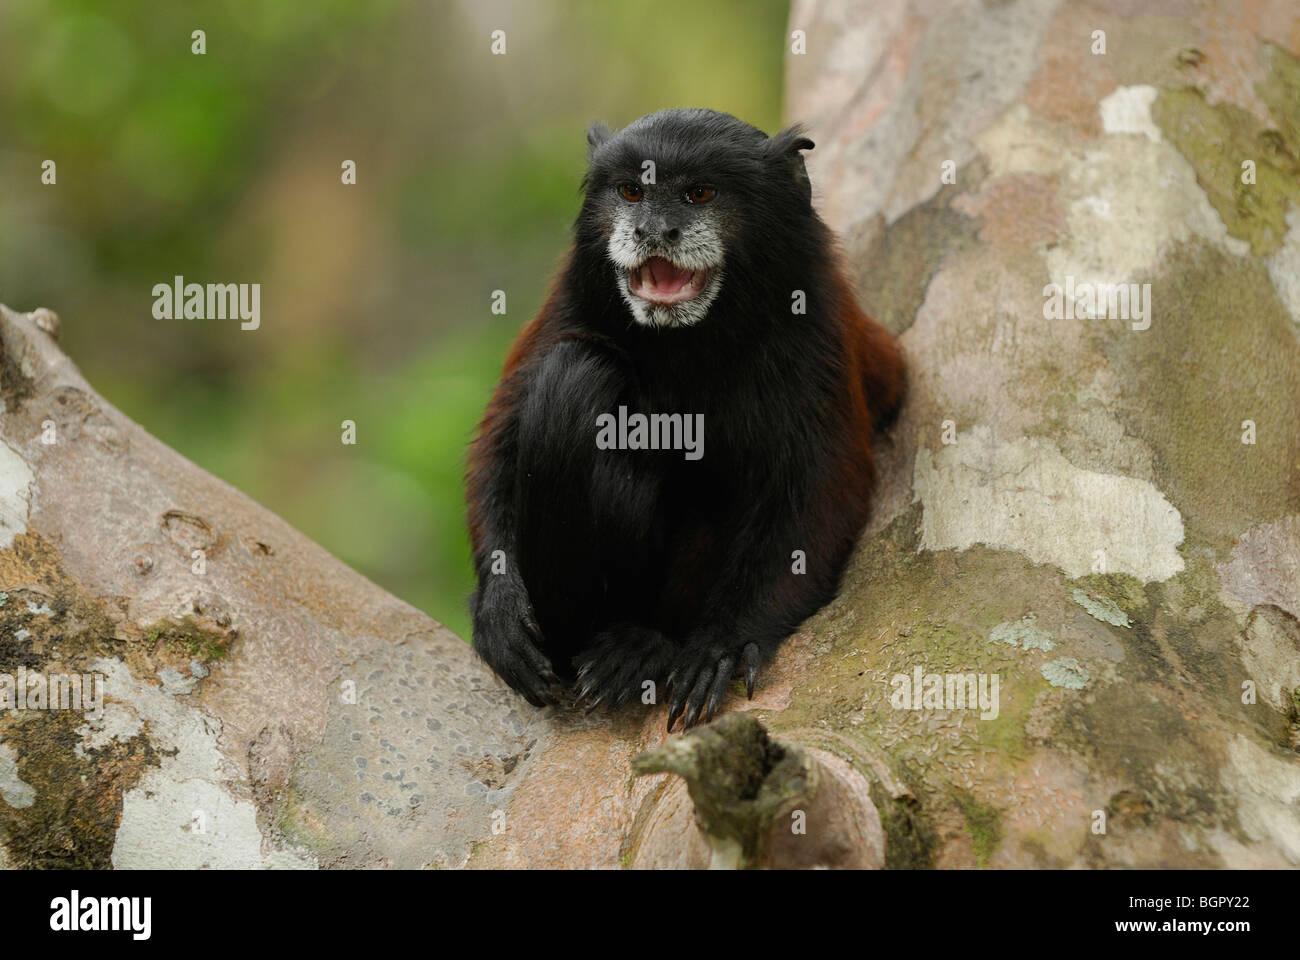 Saddleback Tamarin (Saguinus fuscicollis), adult calling, Pacaya-Samiria National Park, Peru Stock Photo